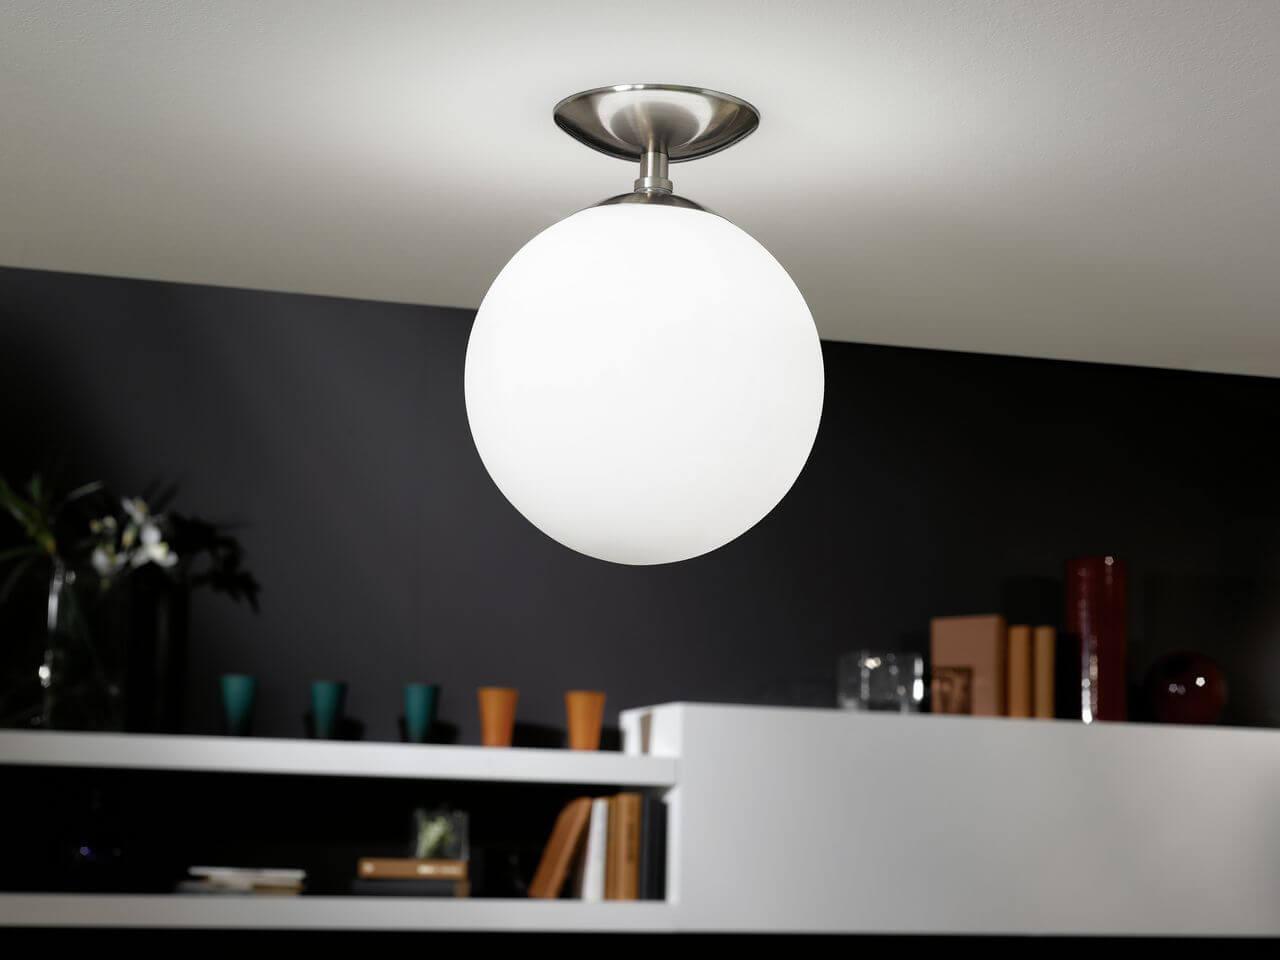 Светильники в форме шара